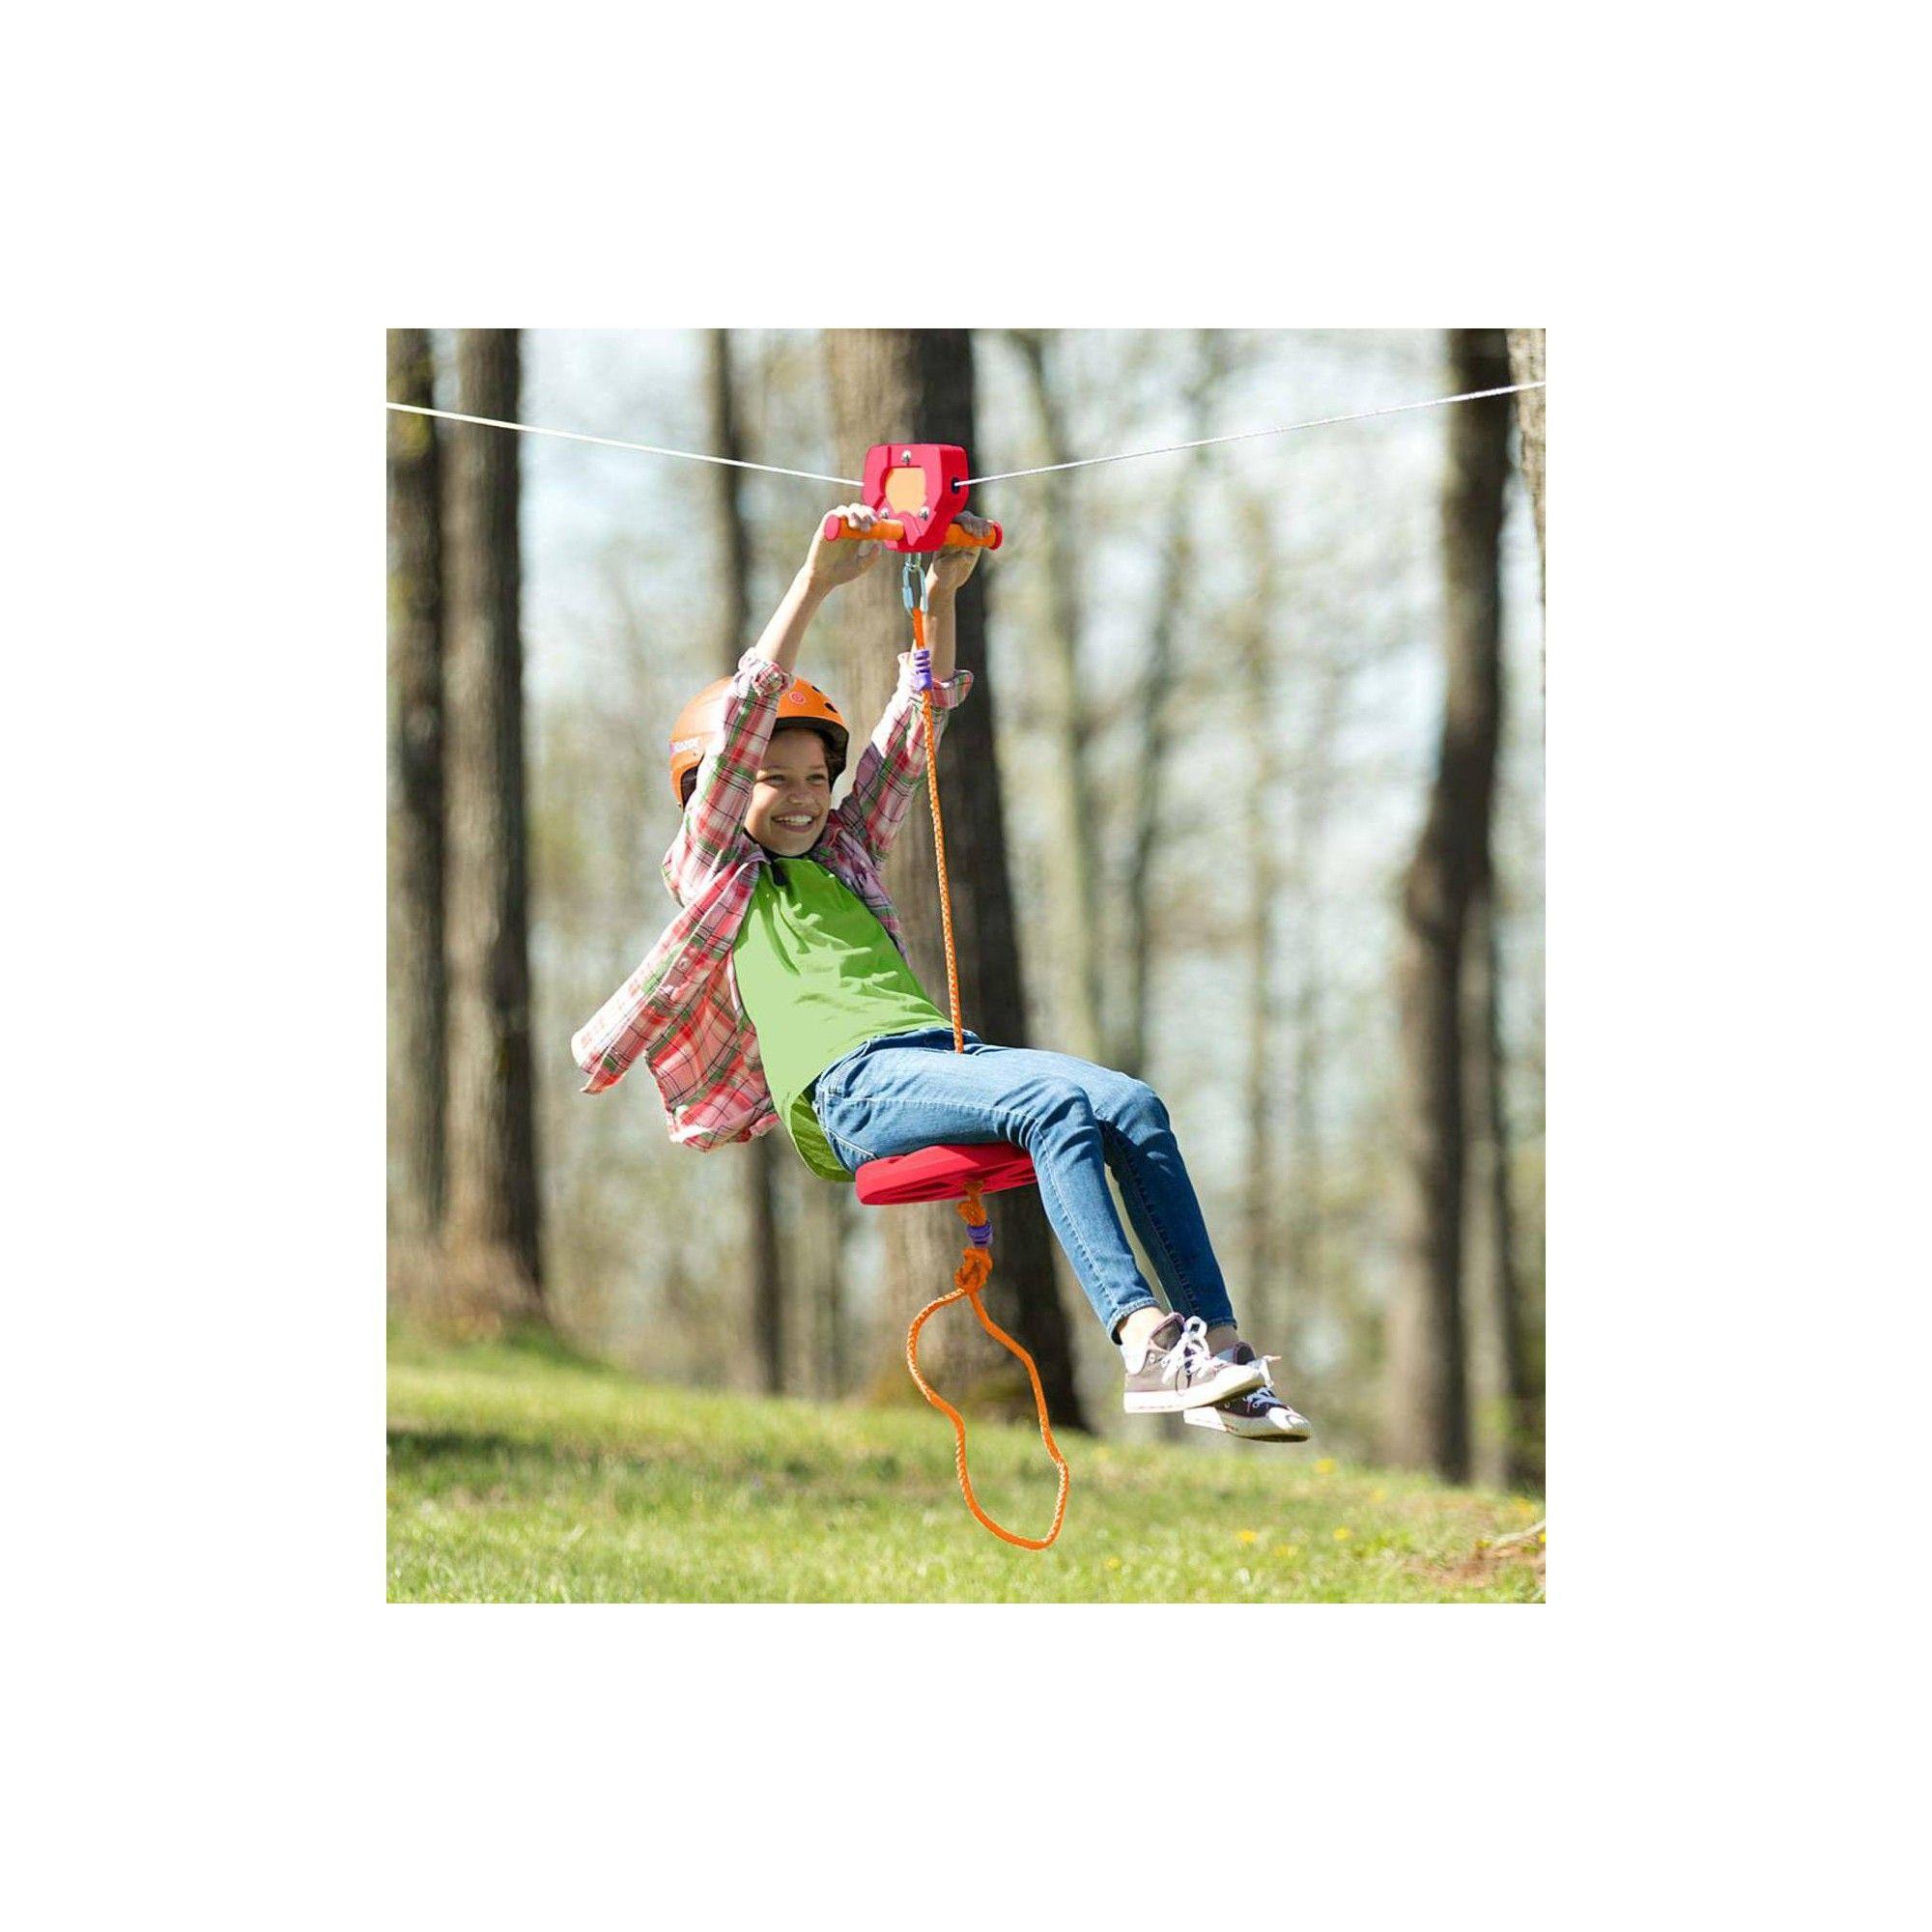 Red Backyard Zipline Kit For Kids, 80' L - Hearthsong ...